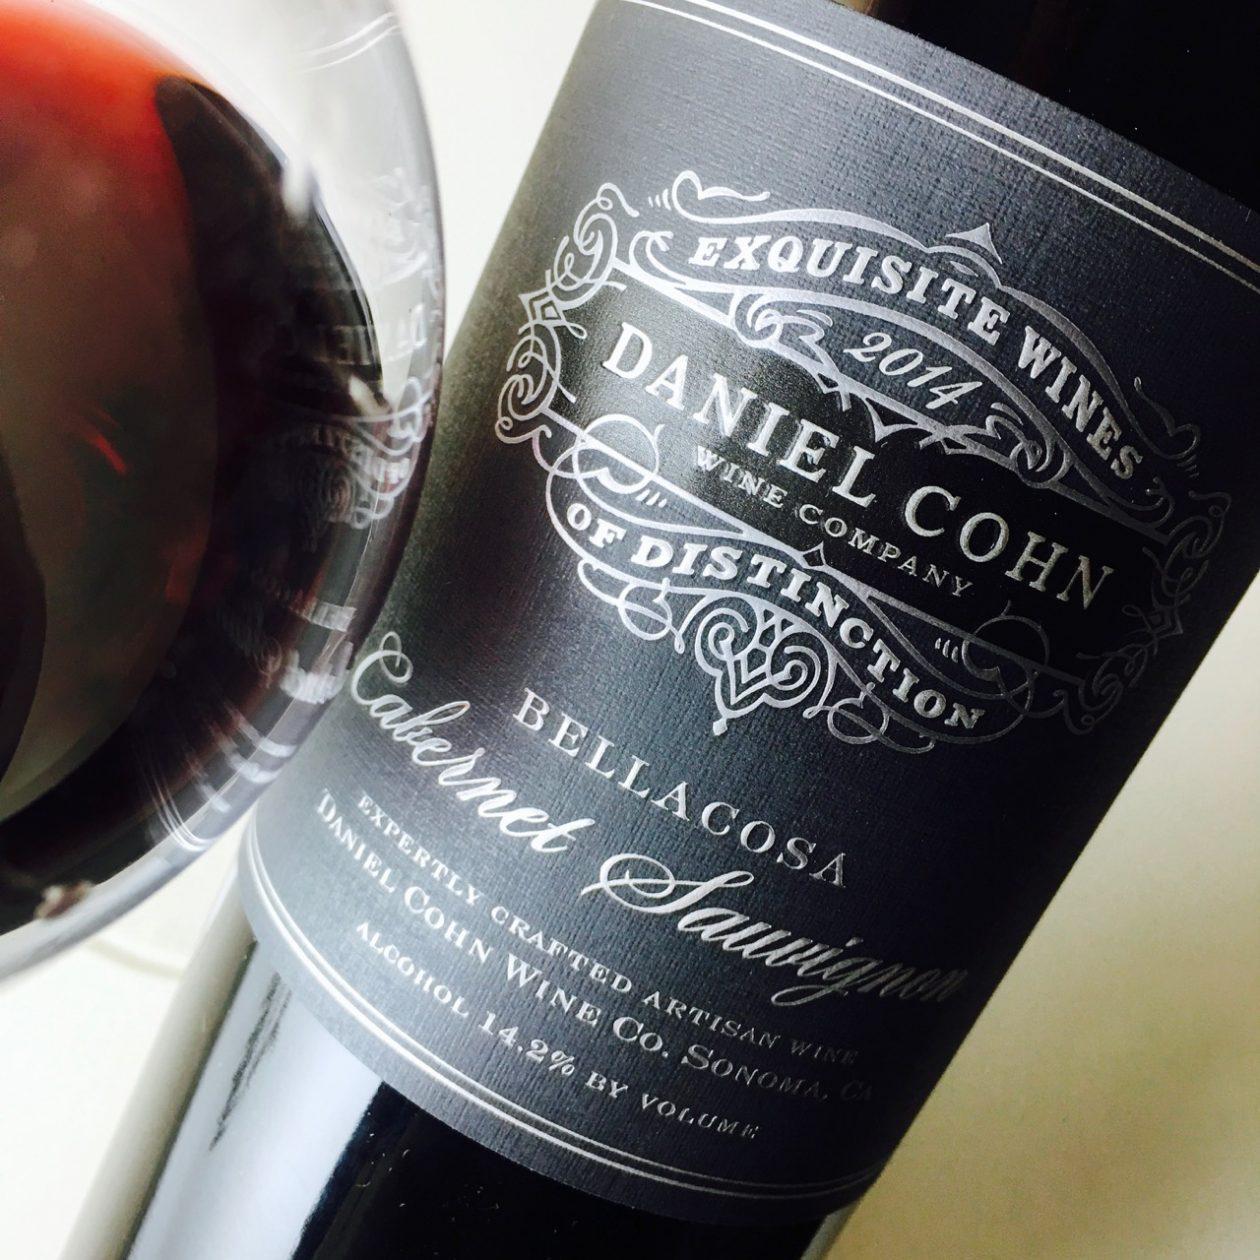 2014 Daniel Cohn Wine Company Cabernet Sauvignon Bellacosa North Coast